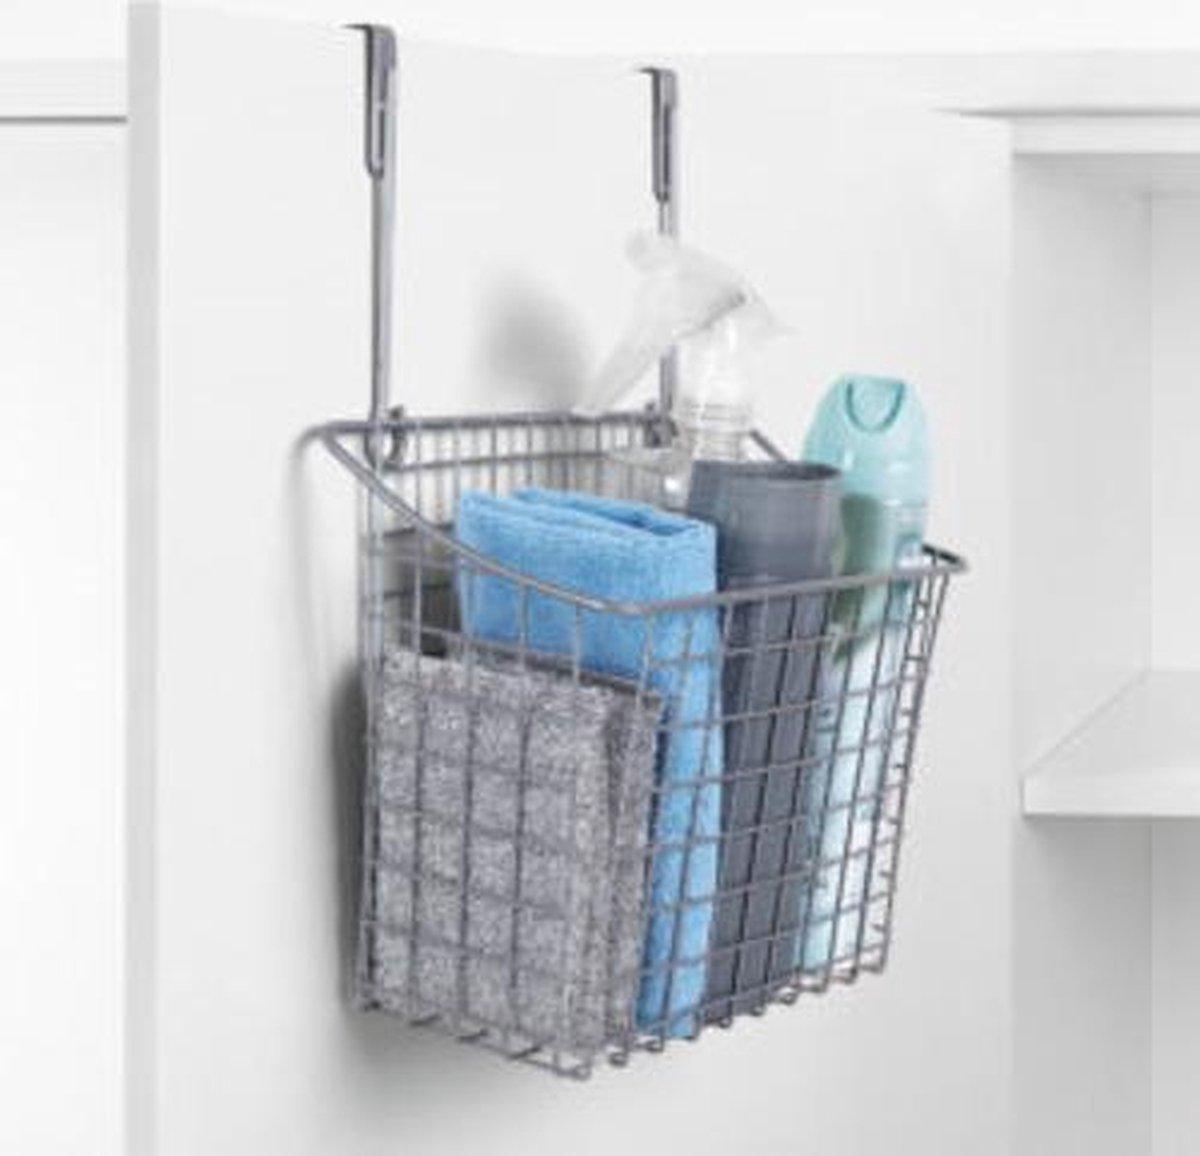 Bol Com Rayen Multifunctionele Metalen Mandje Voor Aan Een Keukenkastdeur Of Badkamerkastdeur